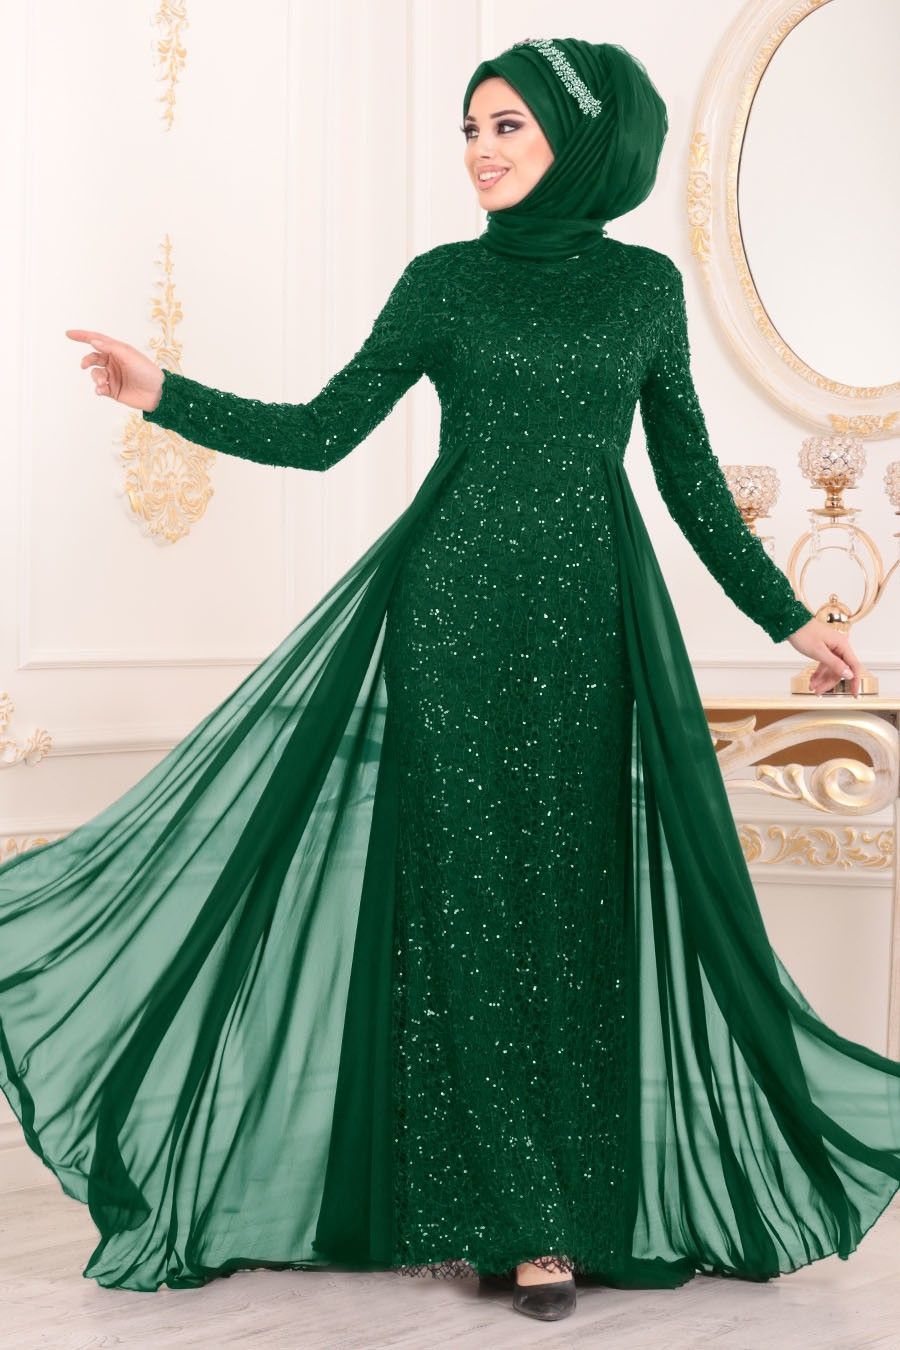 Nayla Collection Pullu Yesil Tesettur Abiye Elbise 90000y Tesetturisland Com Aksamustu Giysileri The Dress Elbiseler